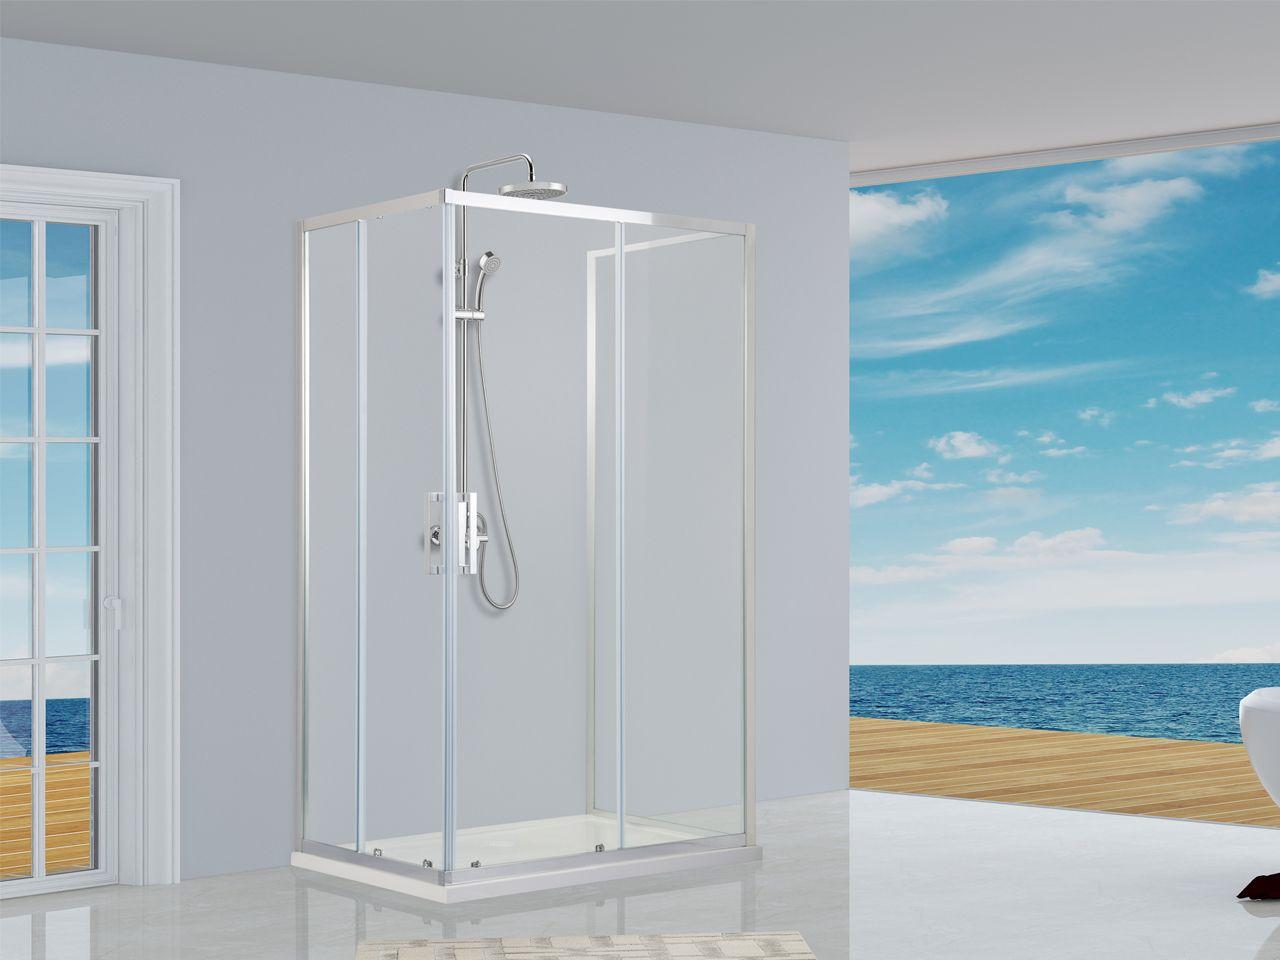 Cabine Doccia Rettangolari : Globo u piatto doccia rettangolare antiscivolo ceramica